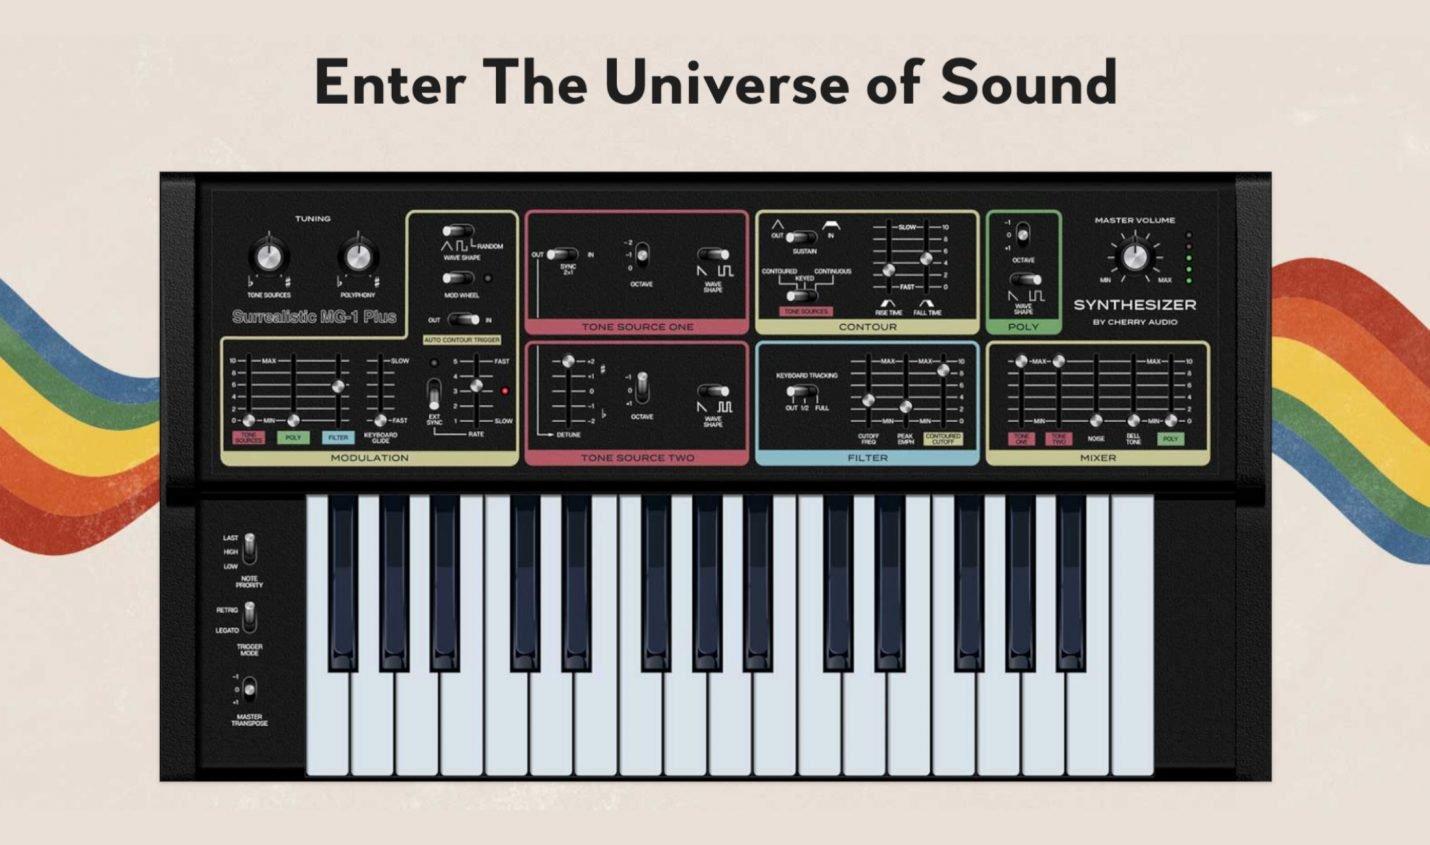 Kostenlos: Software-Version des Moog MG-1 von Cherry Audio